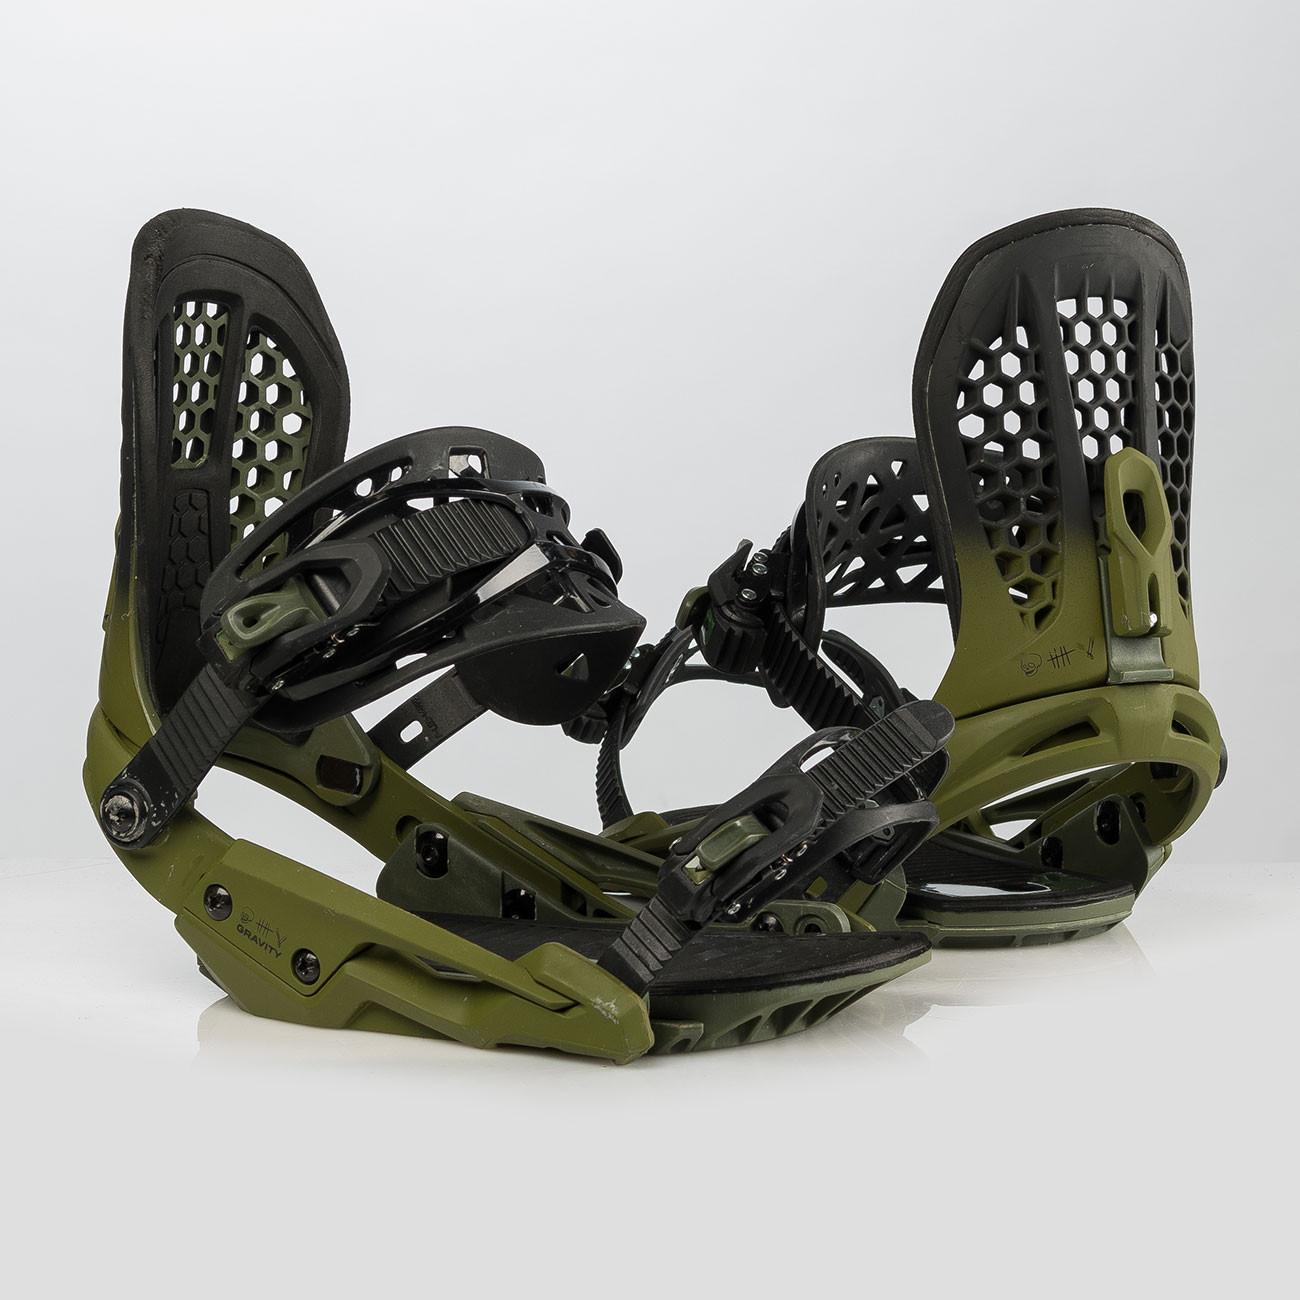 8804e99b4 Zľavy Gravity G3 black/olive | Snowboard Zezula